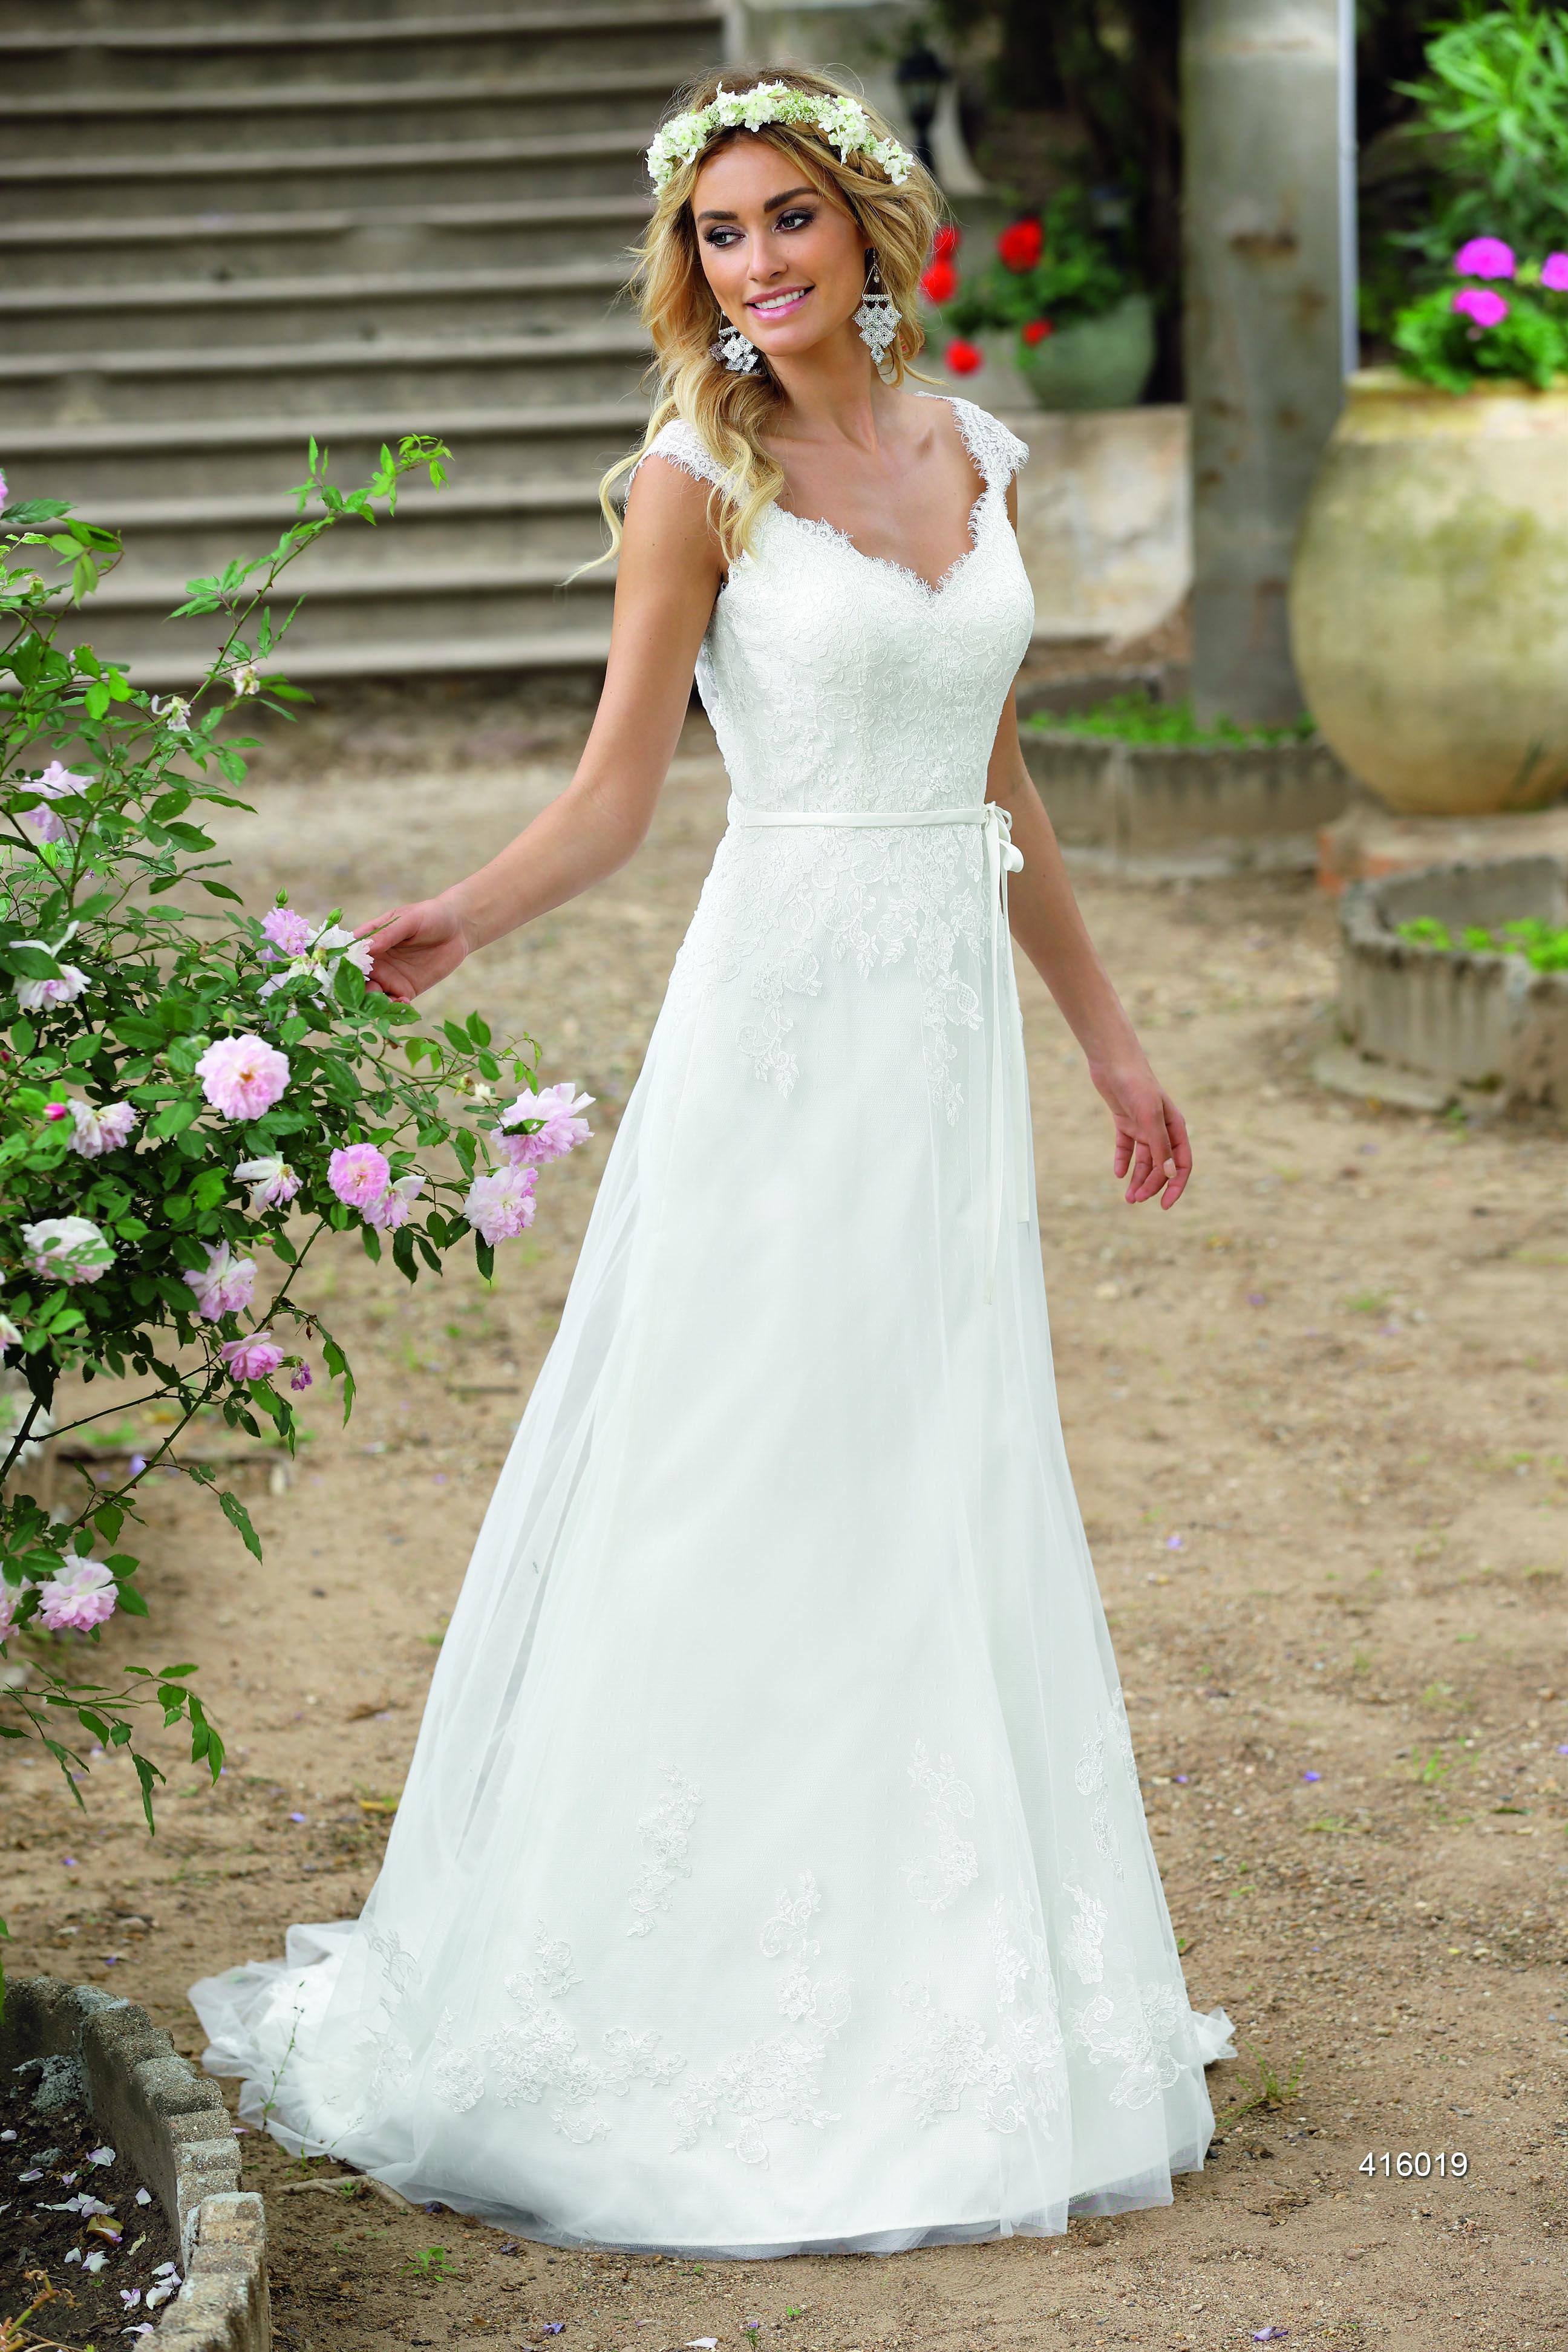 Ladybird Brautkleider 2016 - bei uns erhältlich | little white dress ...